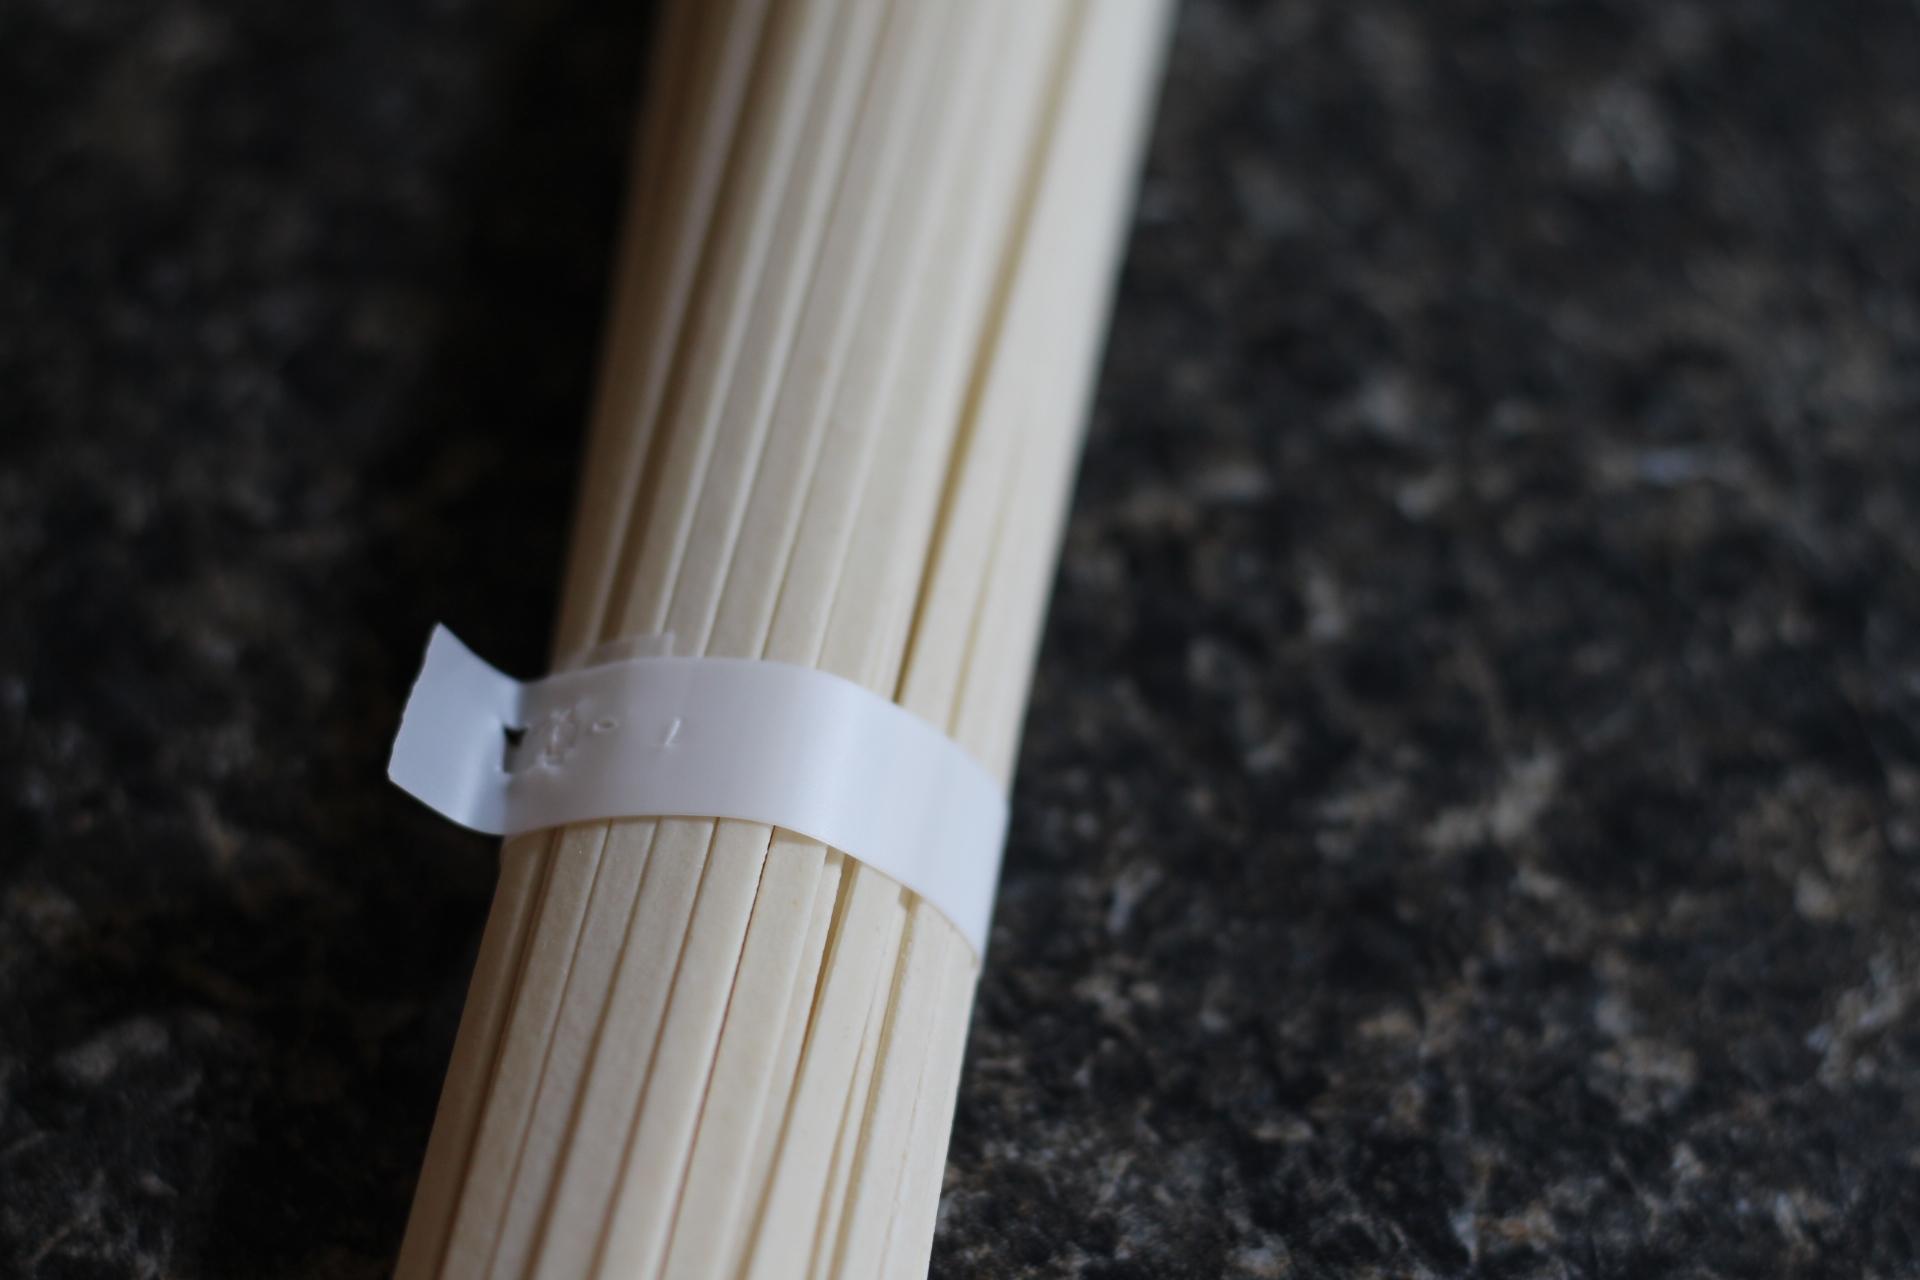 flat udon noodles